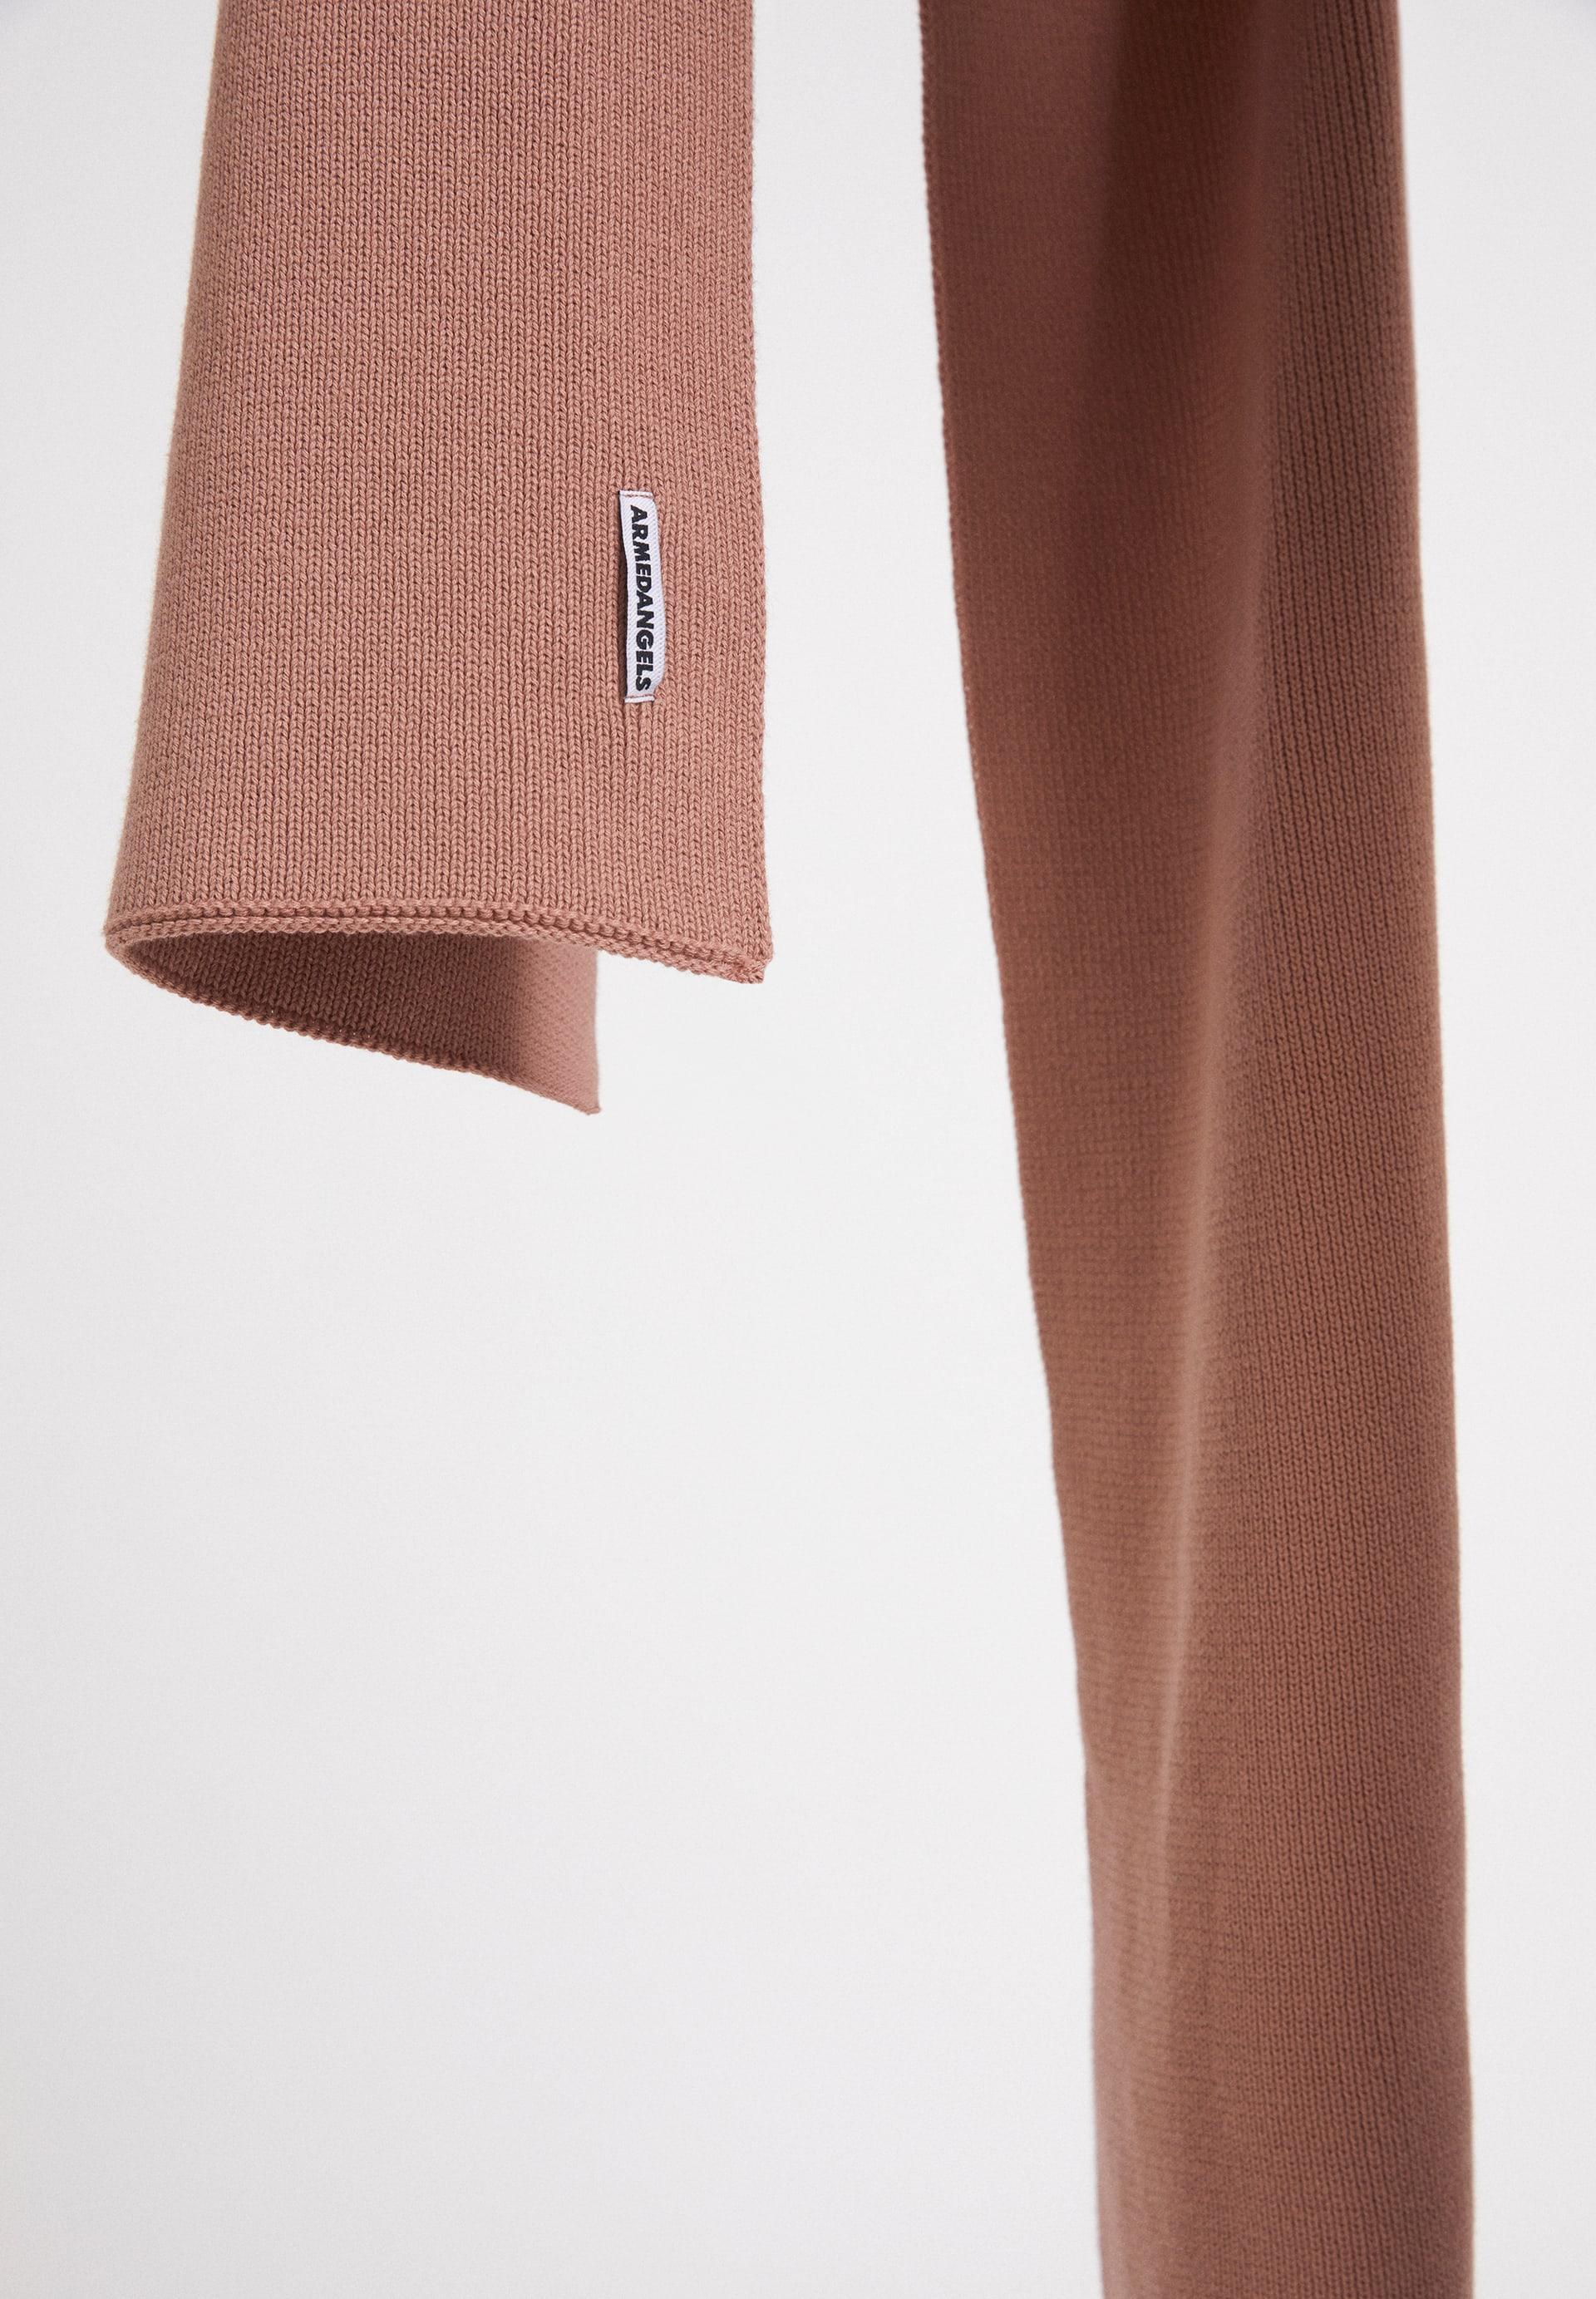 FAABERO EARTHCOLORS ® Sjaal van biologisch katoen